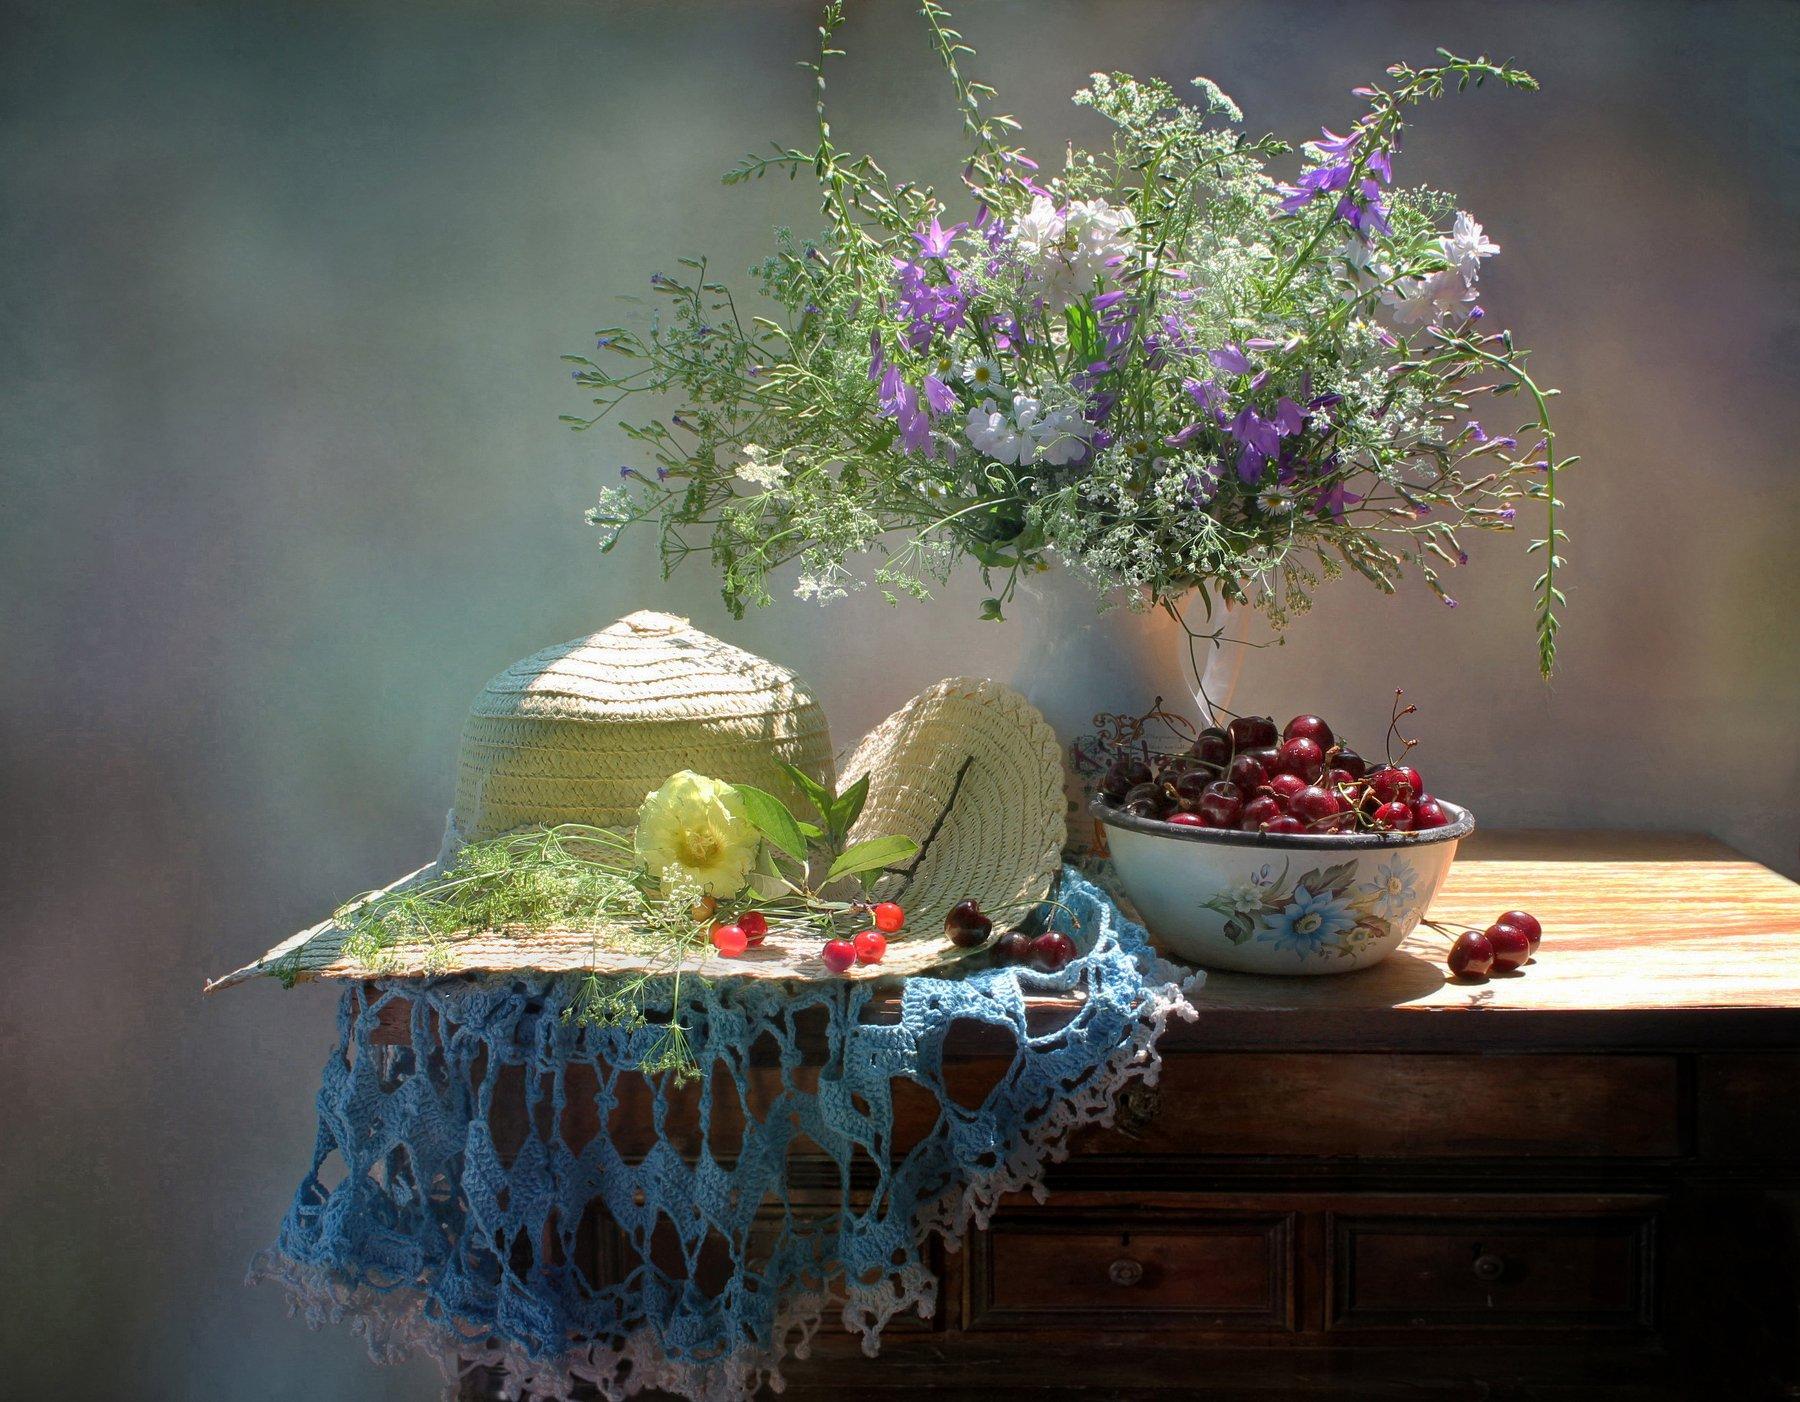 натюрморт, лето, черешня, полевые цветы, шляпа, Ковалева Светлана